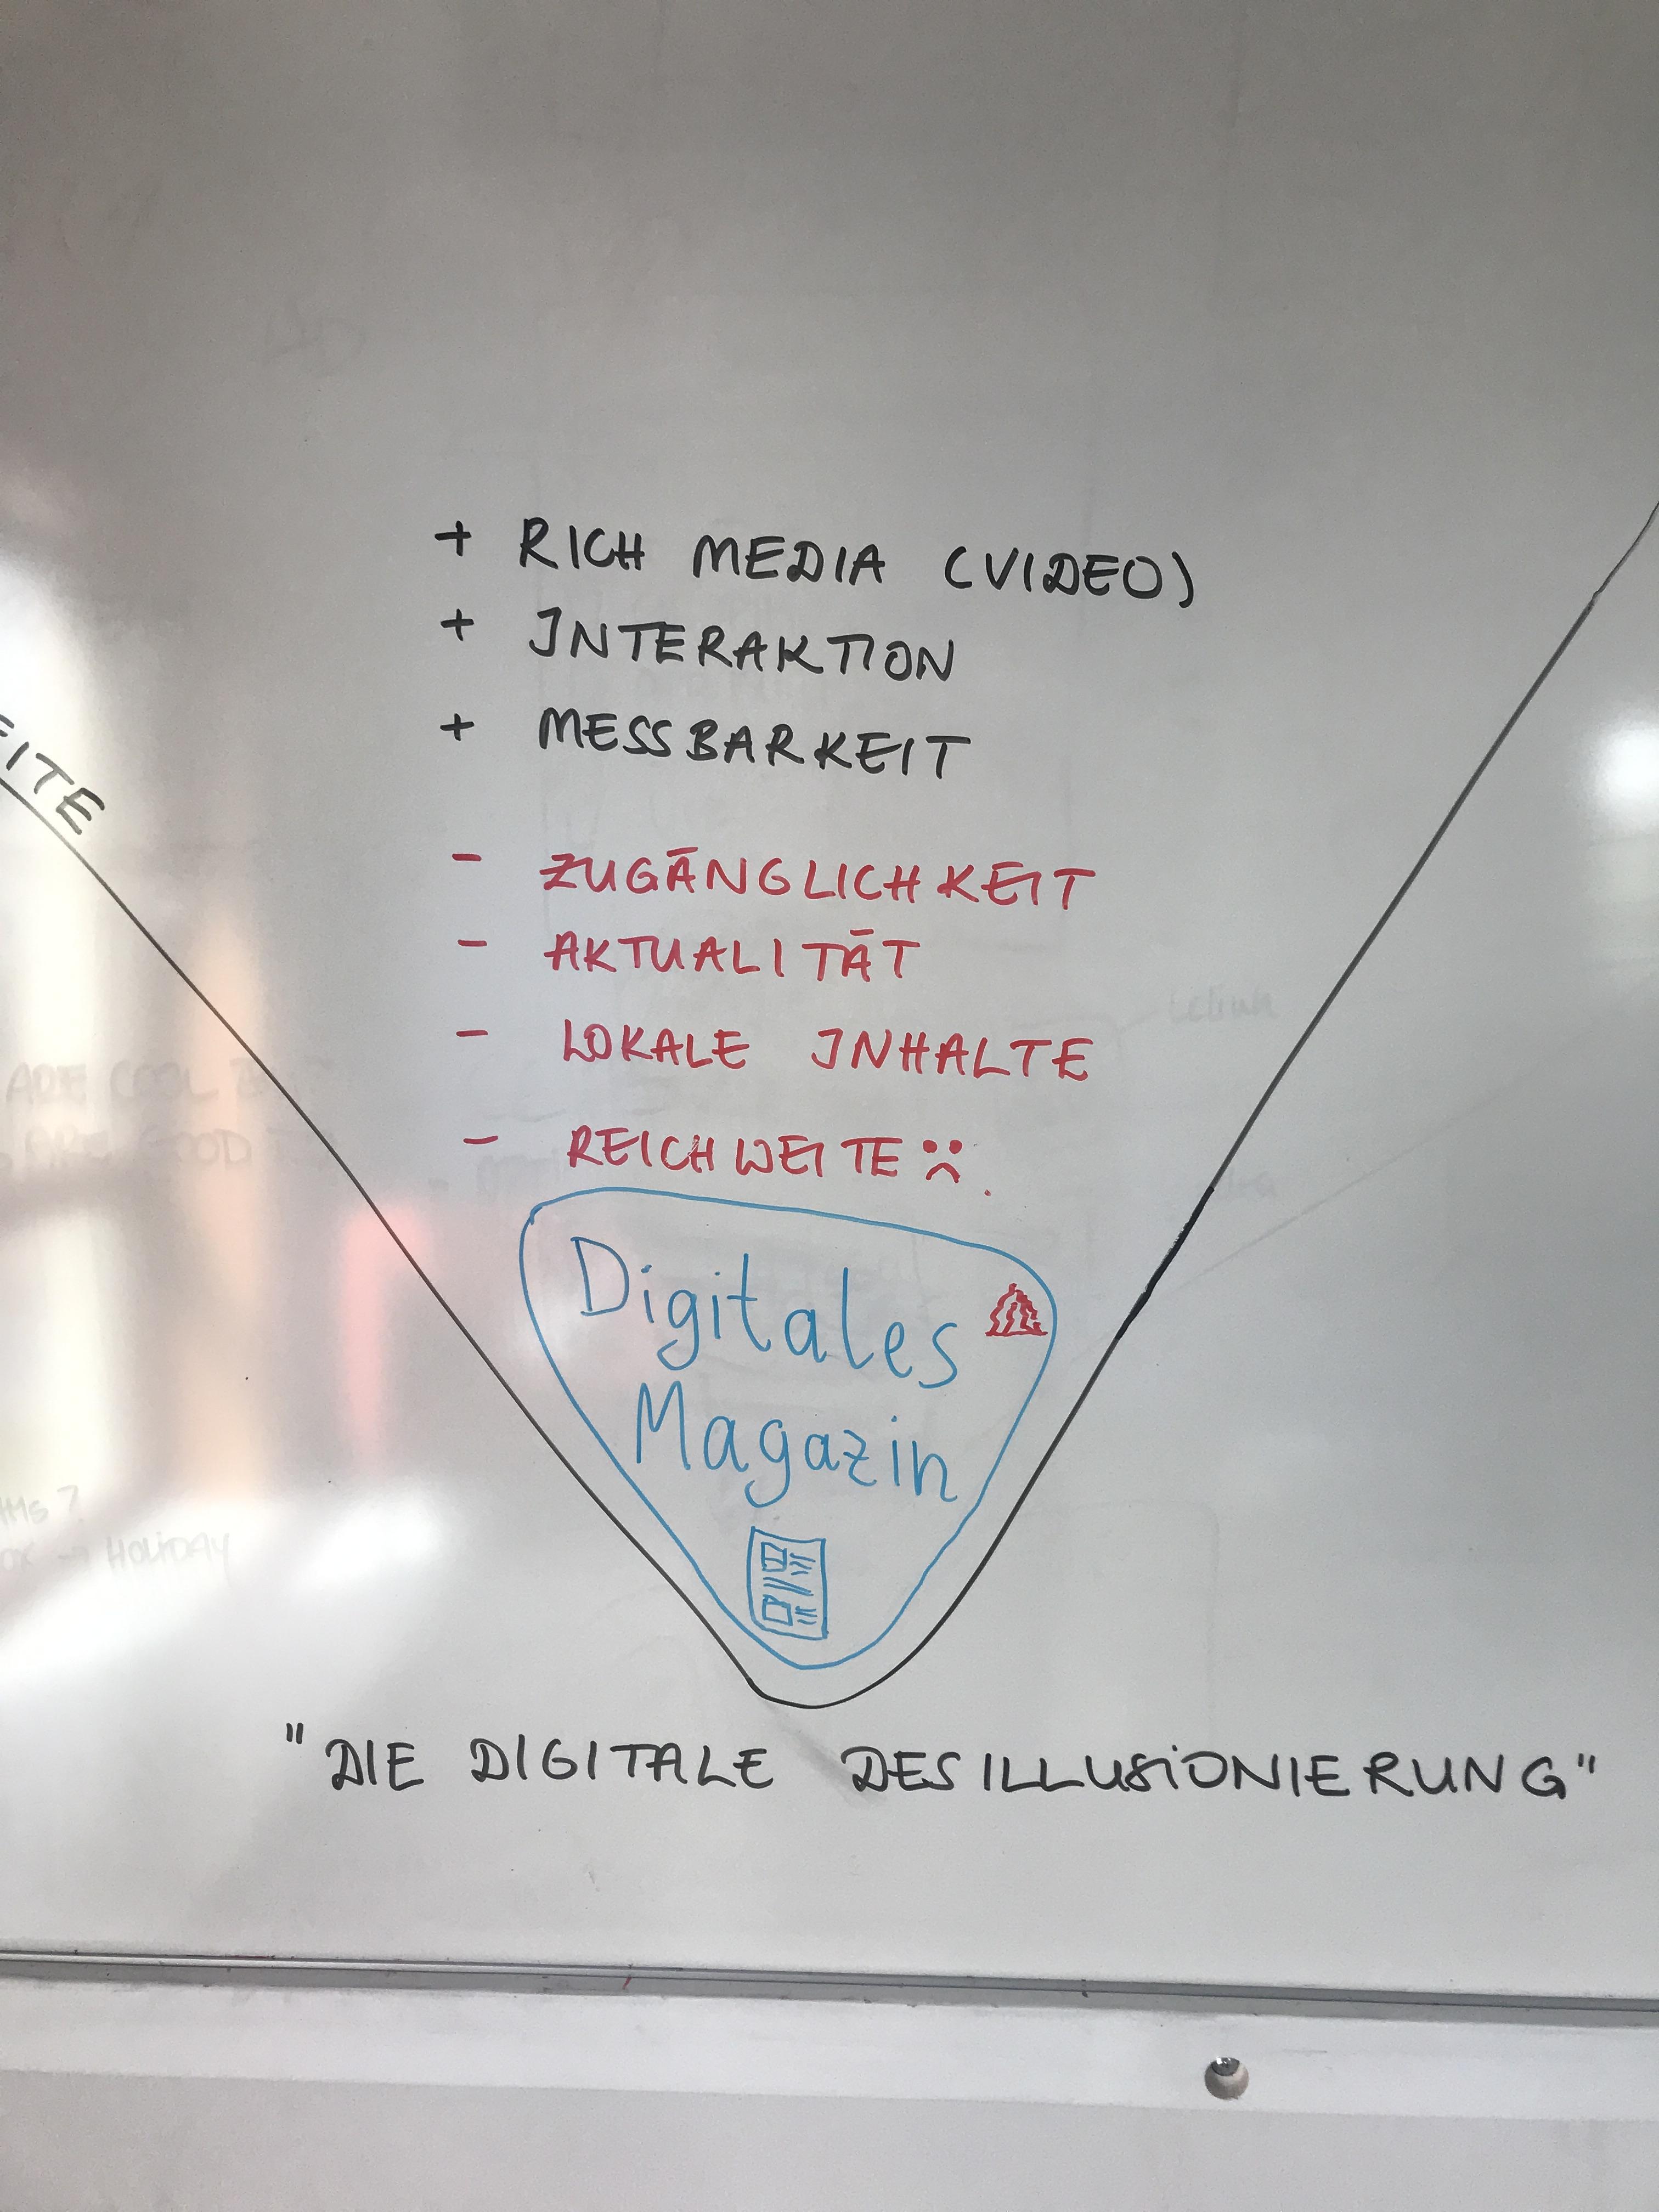 Das digitale Mitarbeitermagazin